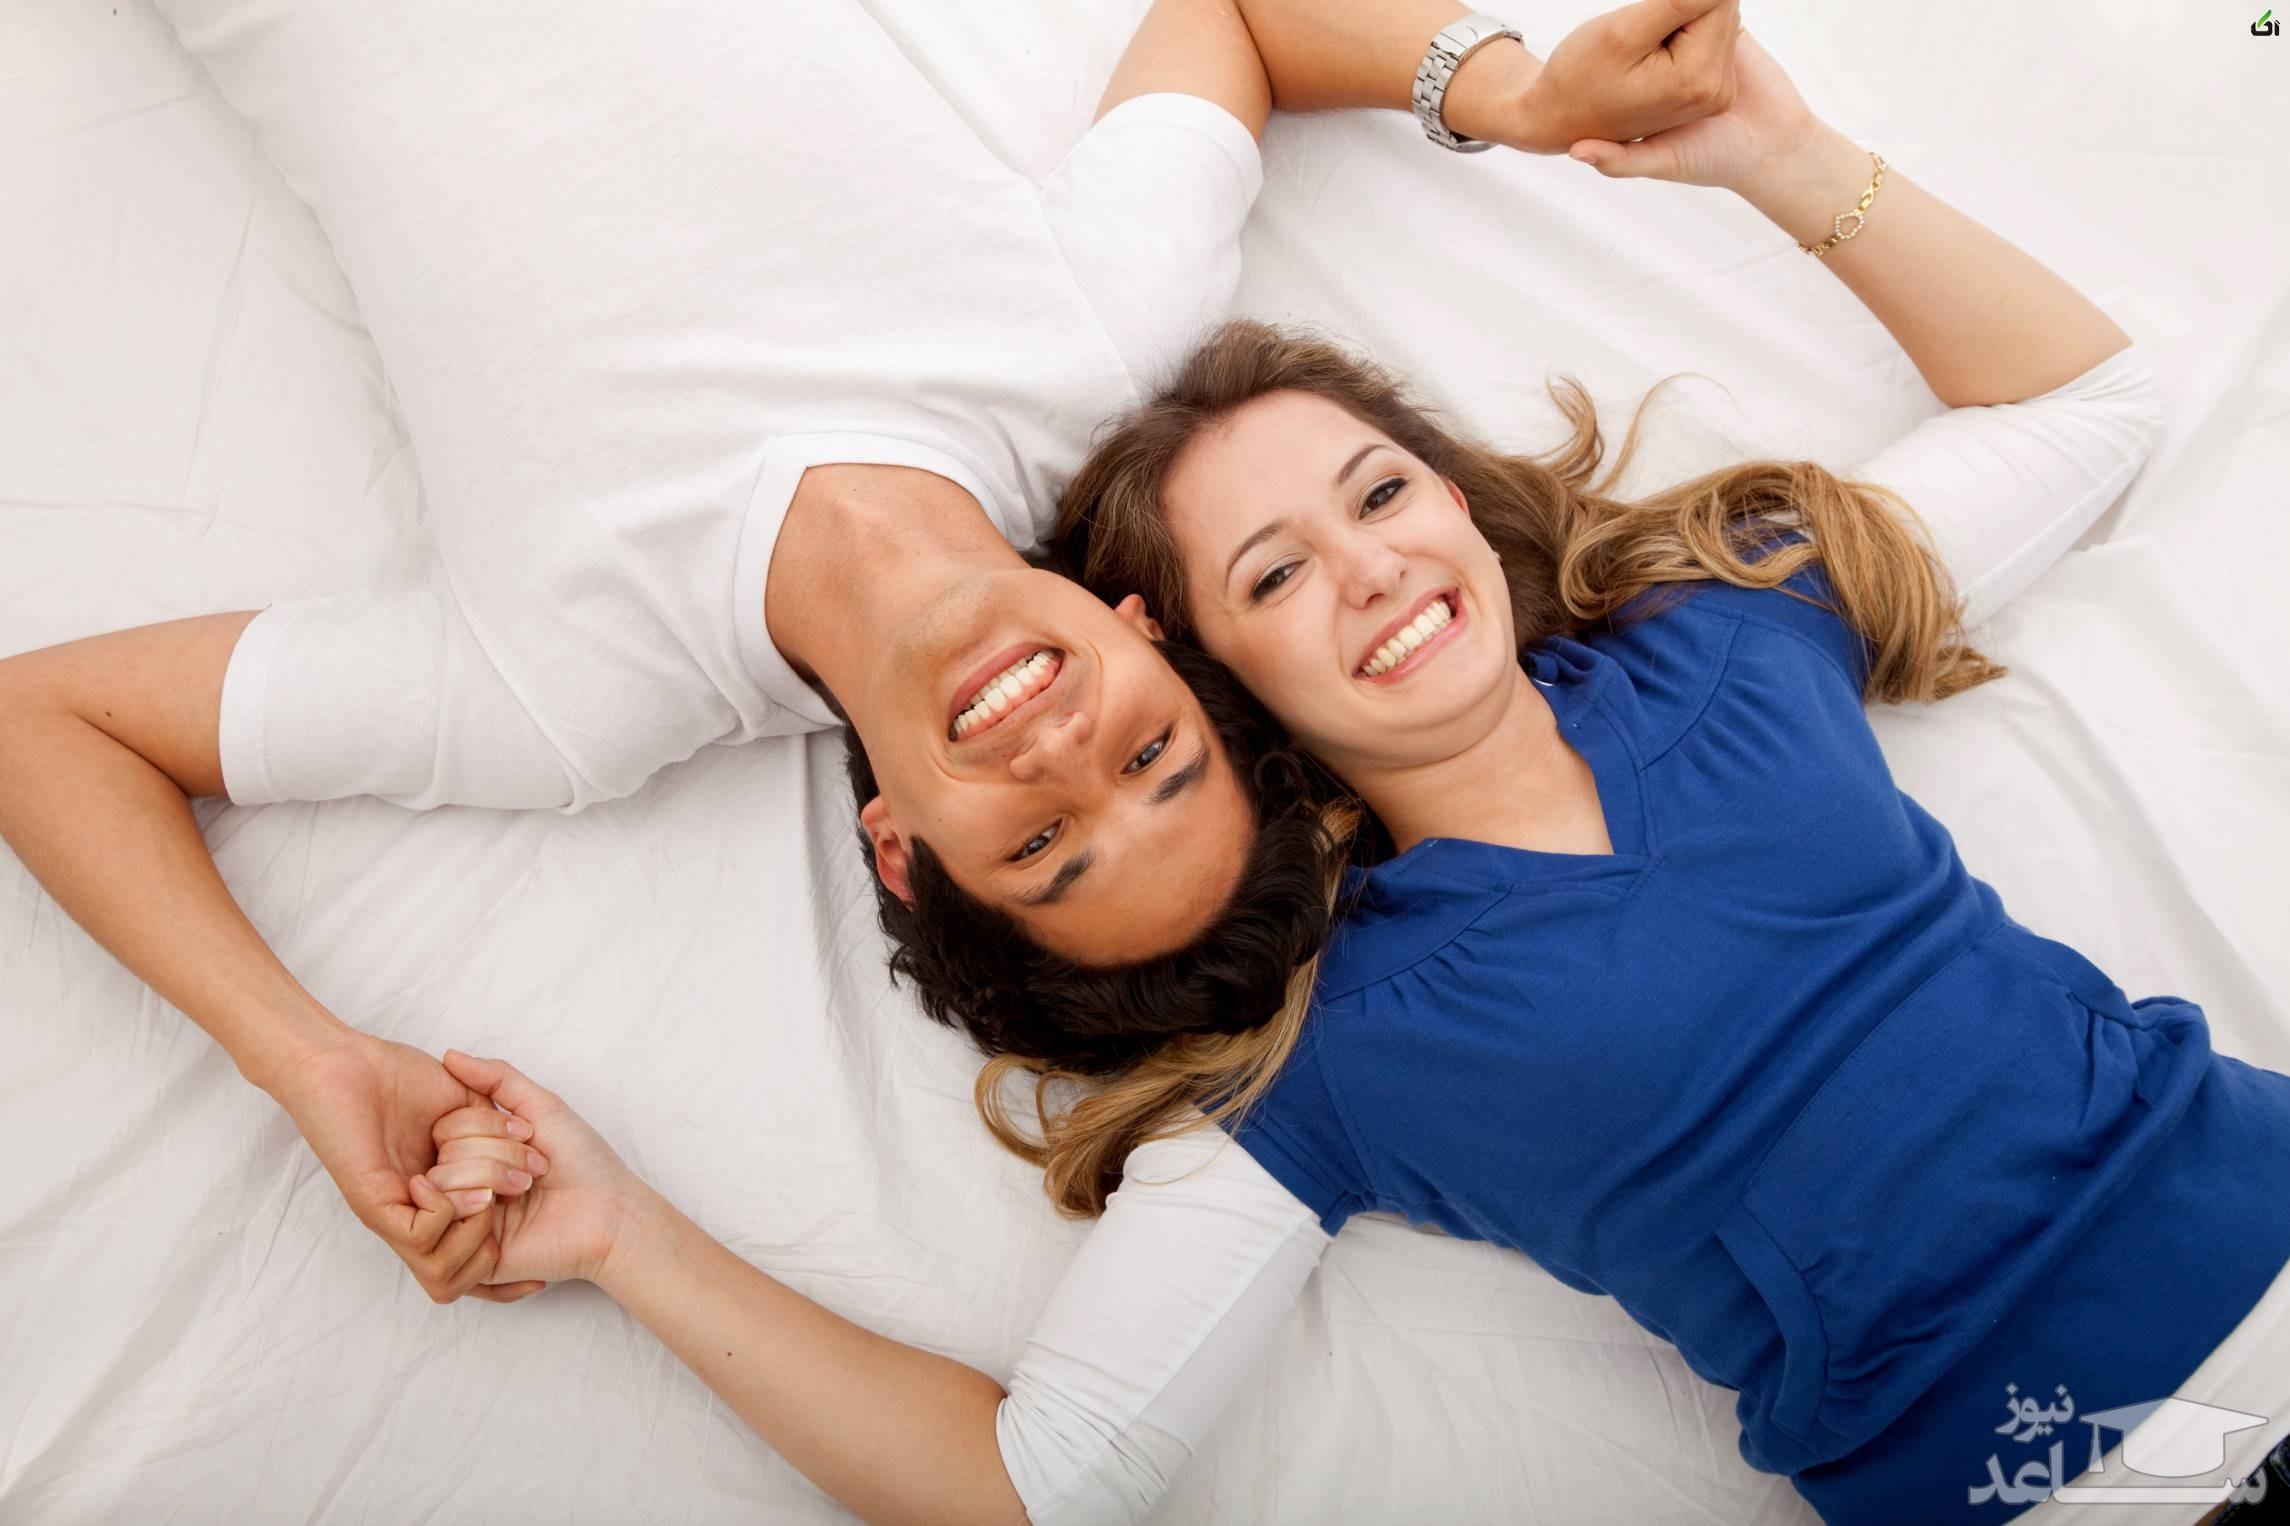 دیدن جماع (آمیزش) در خواب چه تعبیری دارد؟/تعبیر خواب جماع